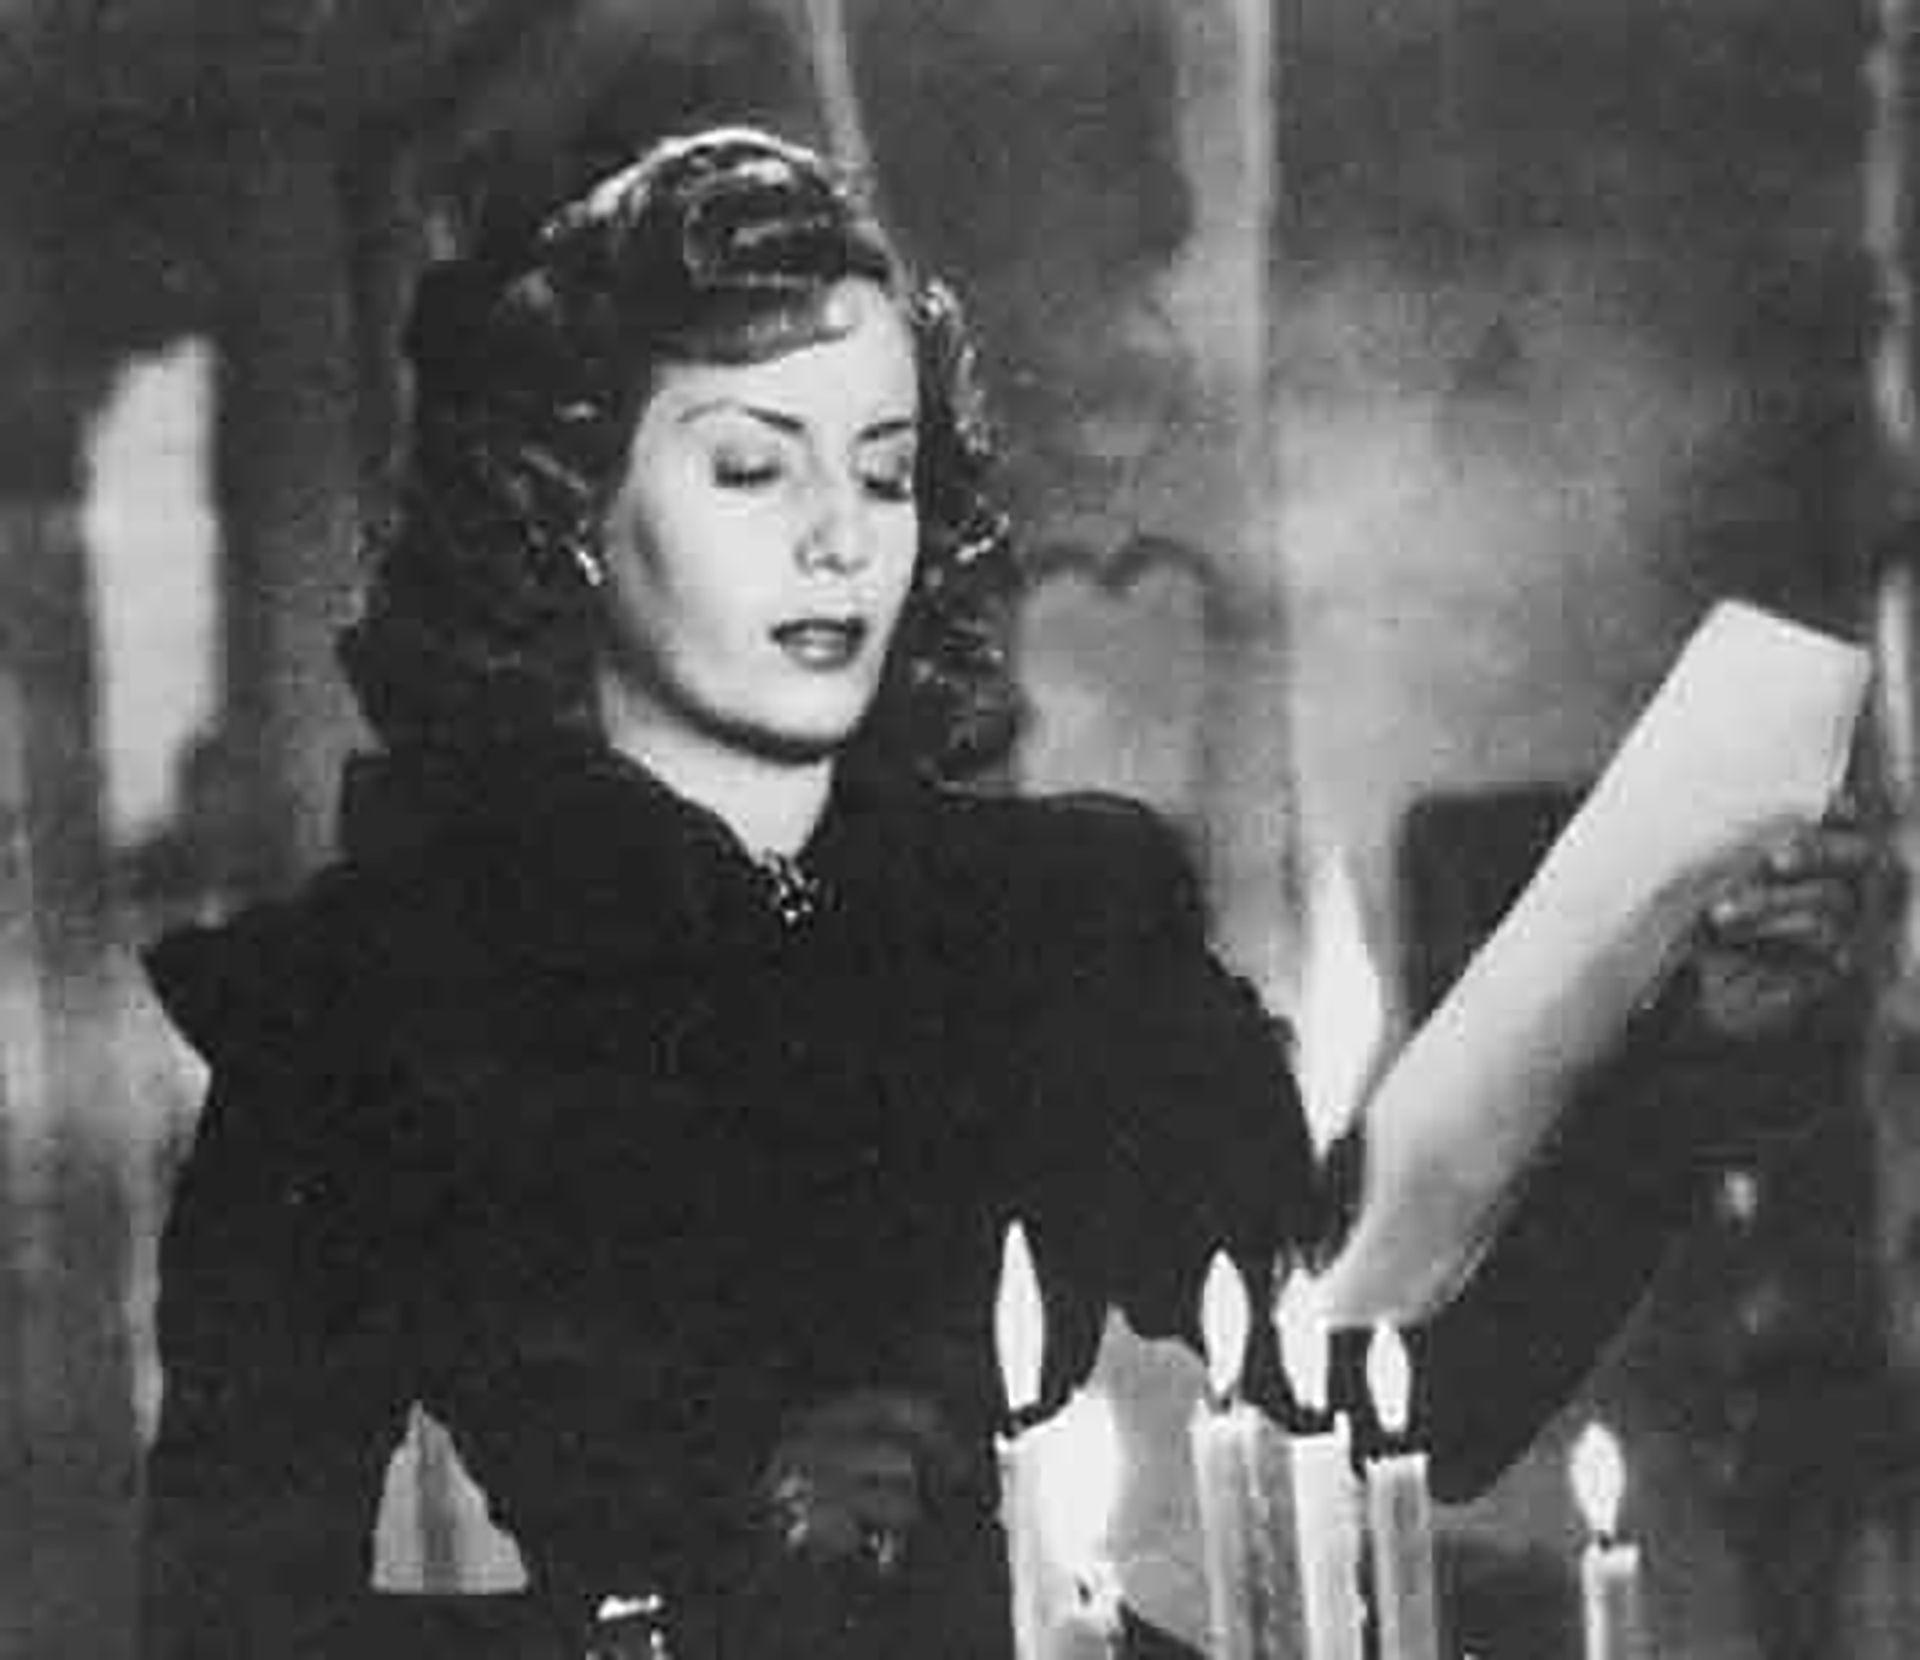 La única pelícual de Evita - Cine - #Informe